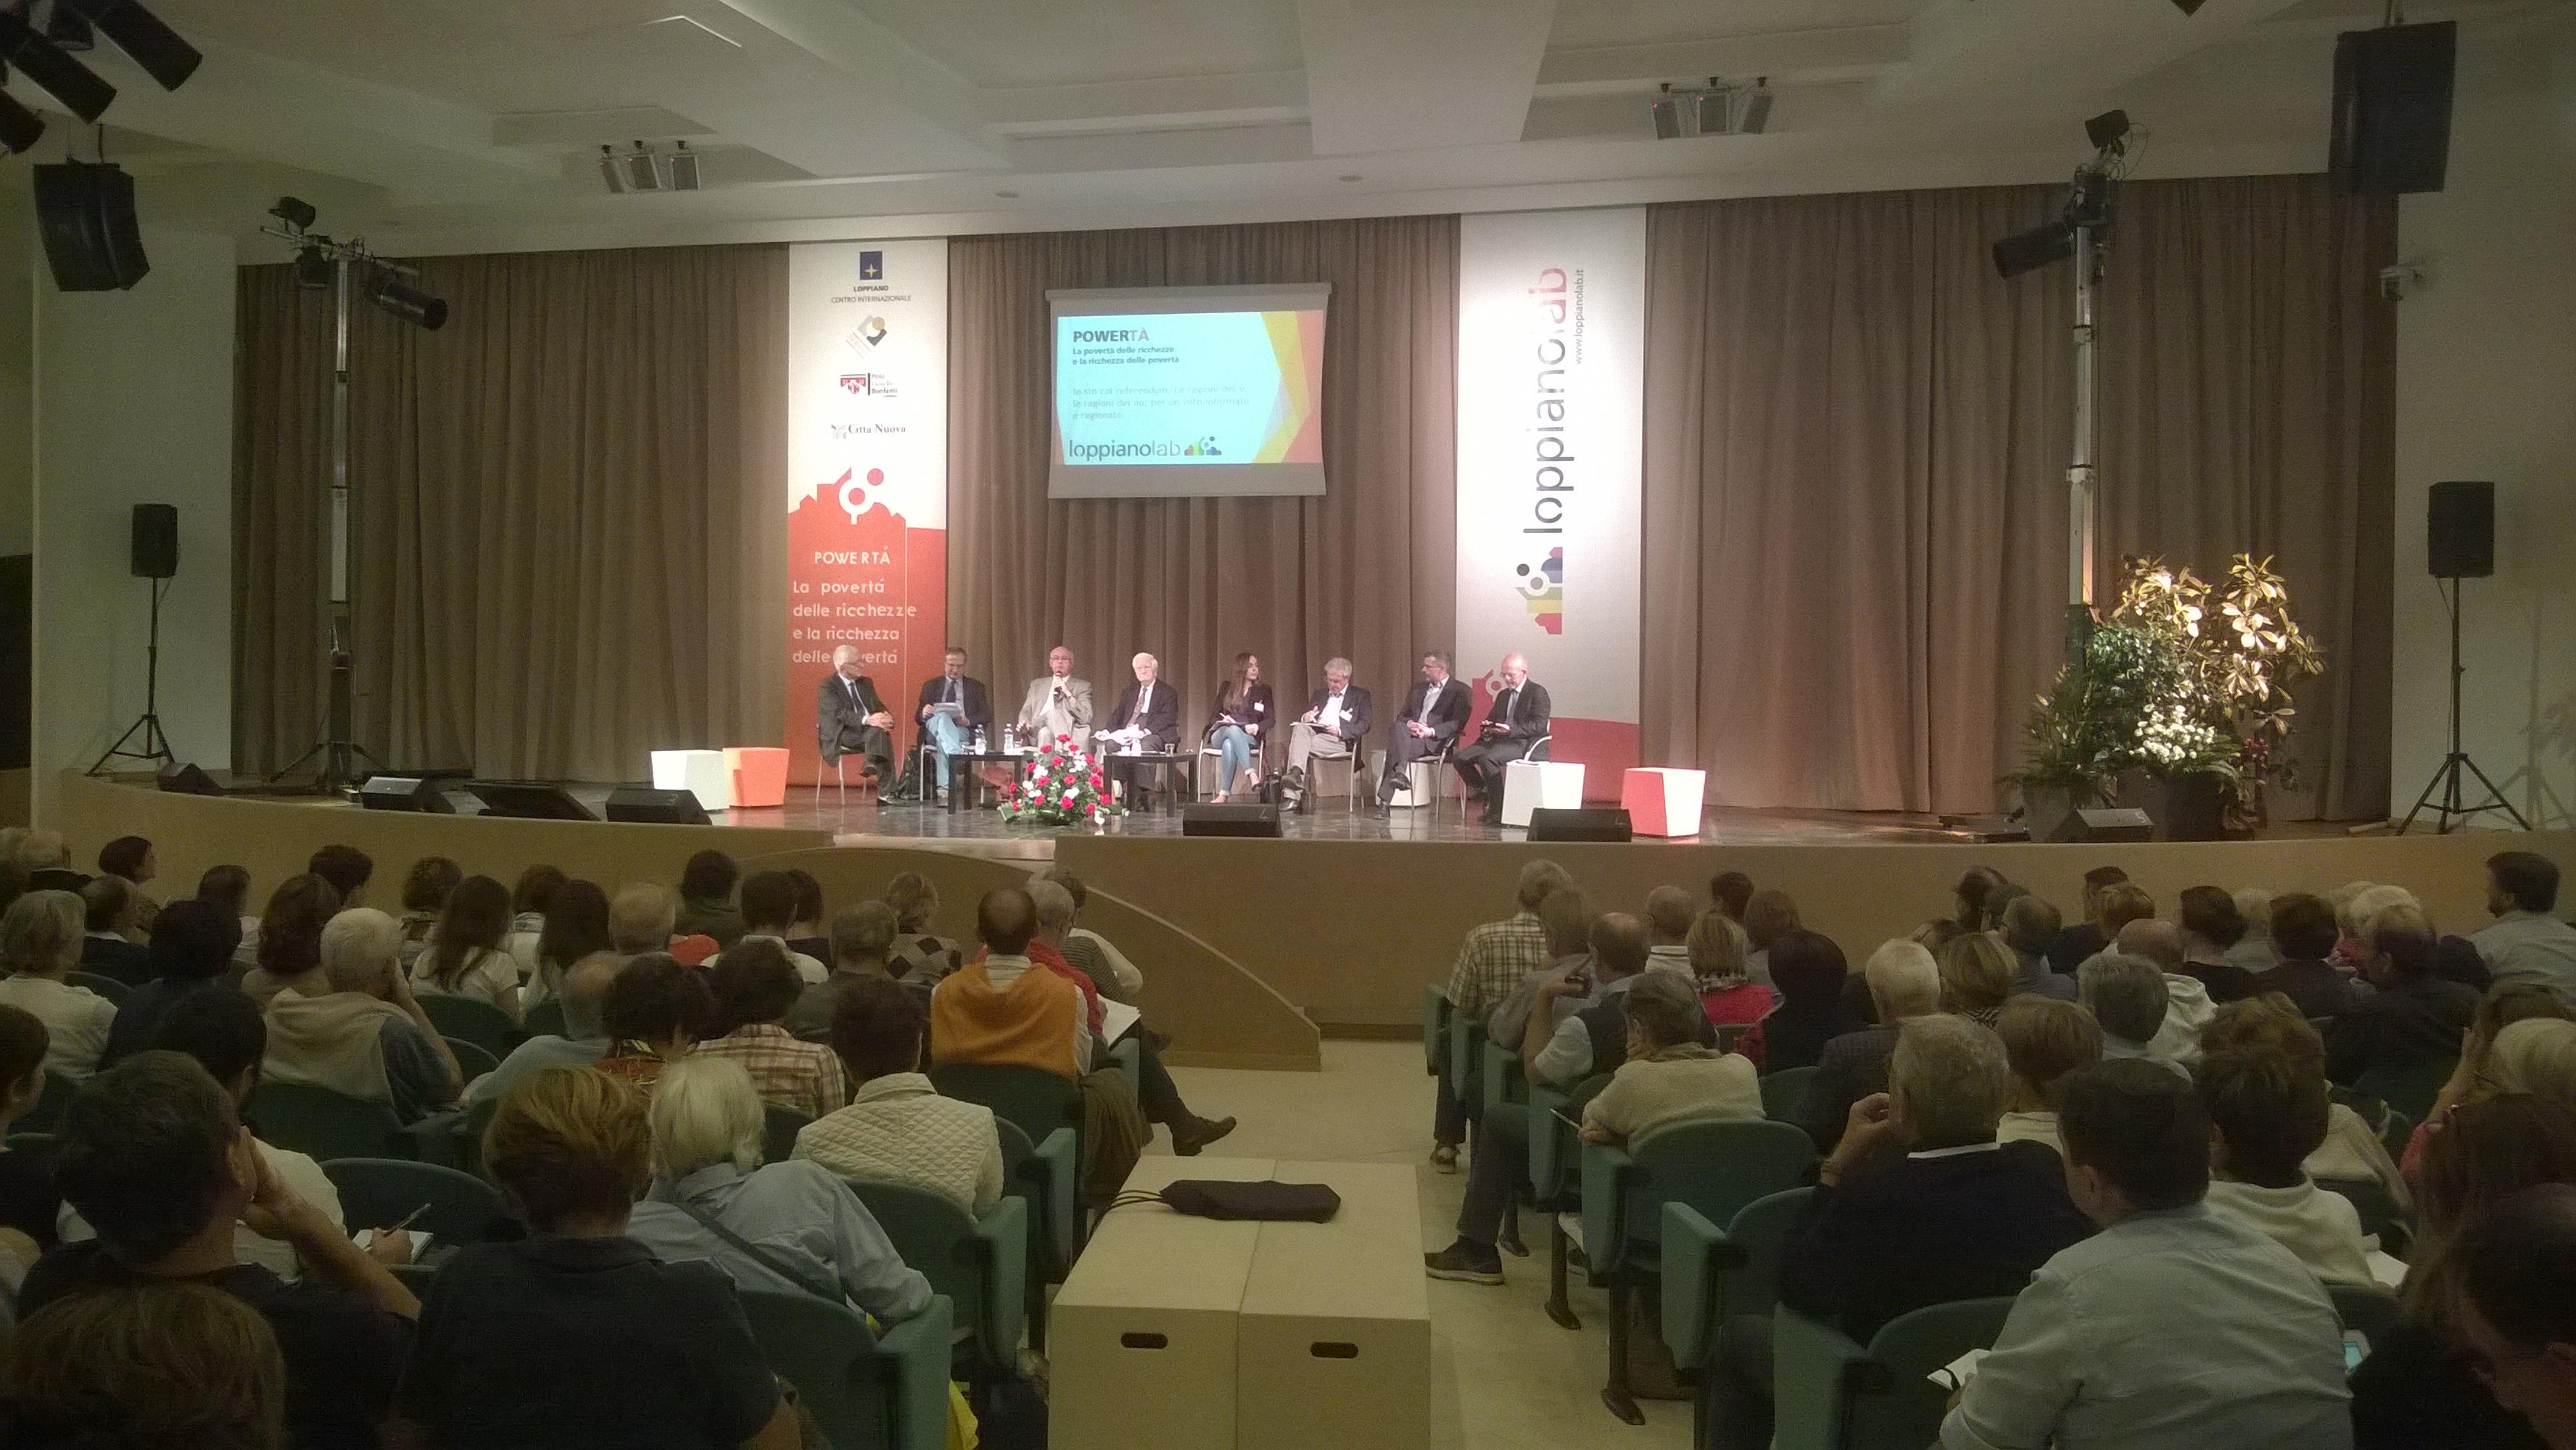 LoppianoLab, incontro sul referendum costituzionale 2016. Nella foto i relatori Minnetti, Zanzucchi, Curreri, La Valle, Grande, Patriarca, Endrizzi, Palmieri